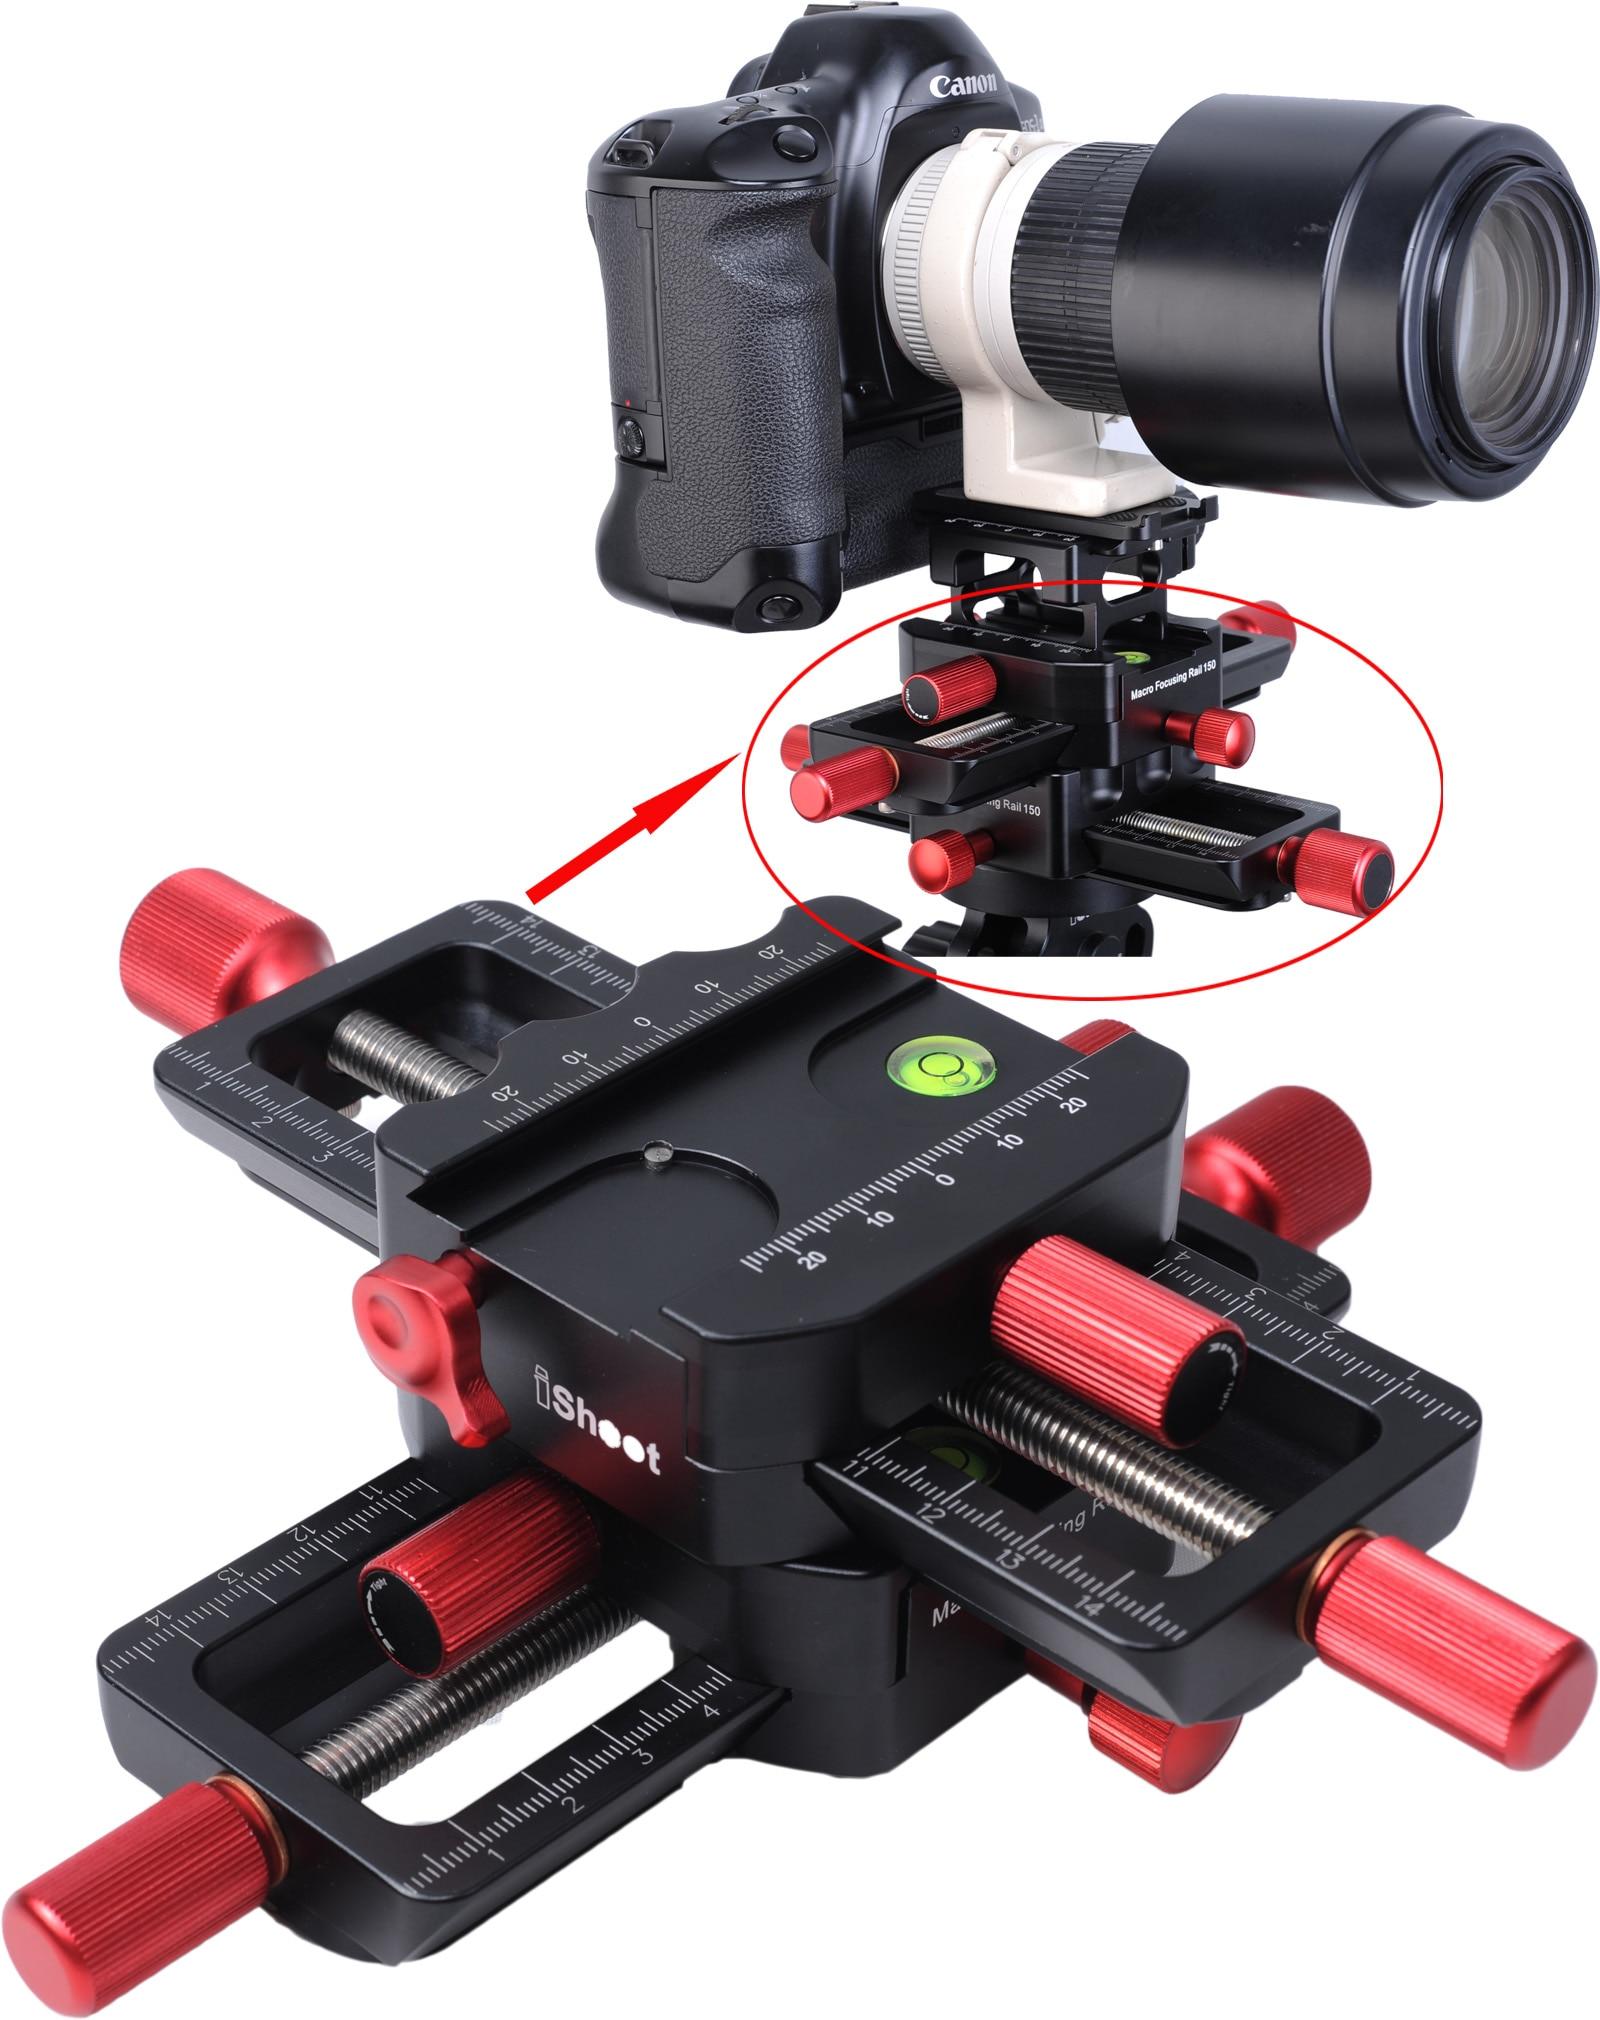 150mm 4-way Macro mise au point Glissière Tête Avec Arca-swiss Fit Pince Plateau Rapide pour Trépied Joby Canon Sony Caméra